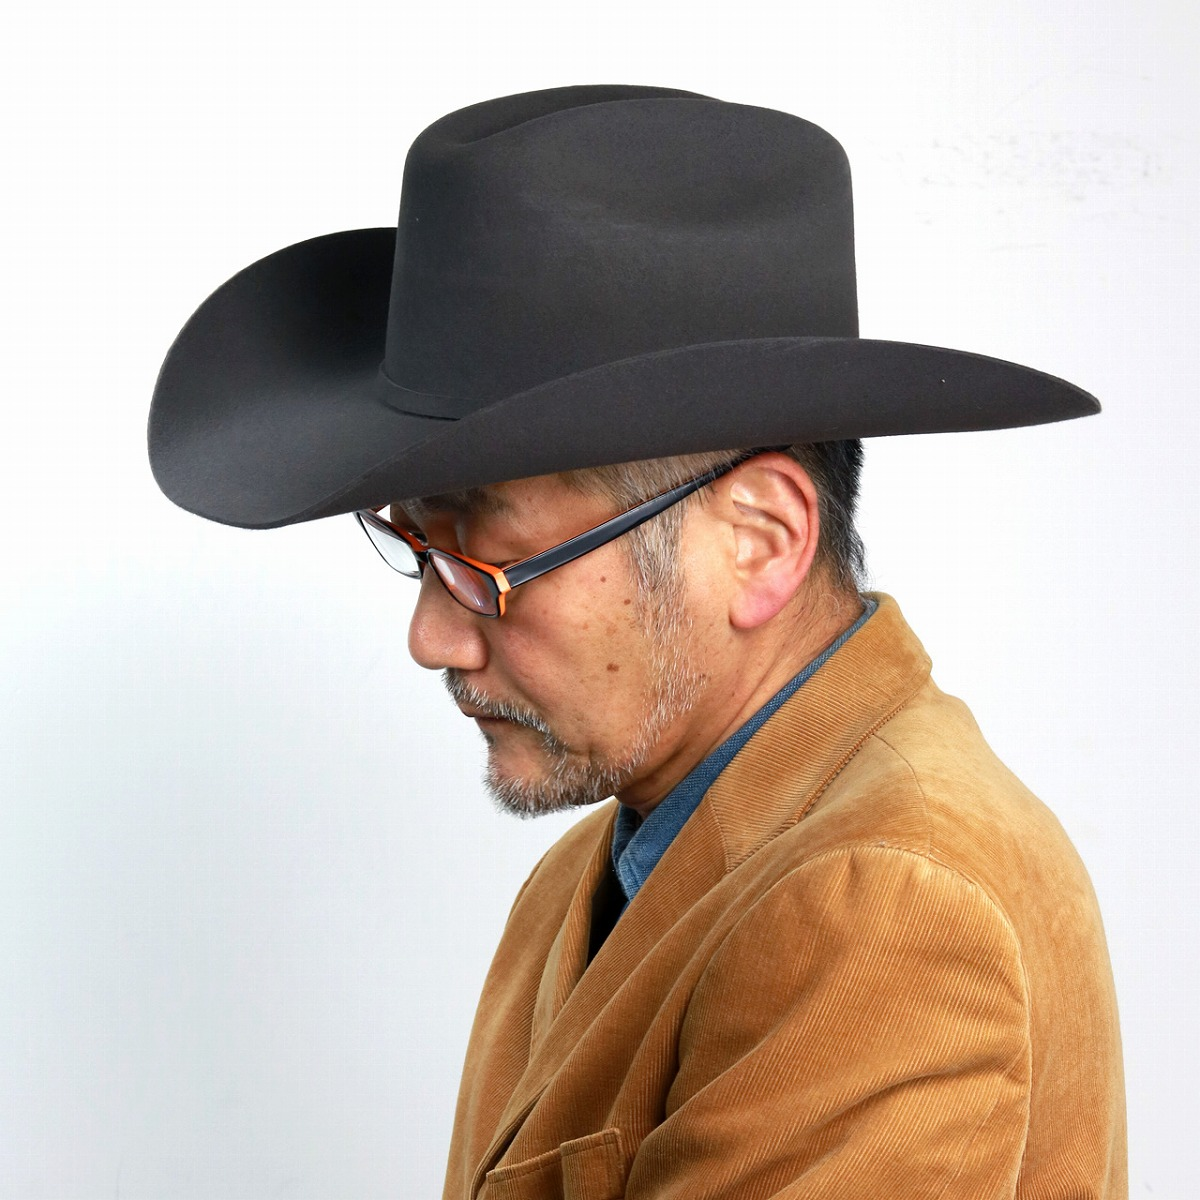 ステットソン カウボーイハット メンズ 秋冬 stetson 帽子 STETSON つば広ハット ウール フェルトハット 高級 ウエスタン 中折れ帽 紳士 テンガロン アメリカ製 ブランド グレー [ cowboy hat ] stetson 帽子通販 男性 帽子 クリスマス ギフト プレゼント